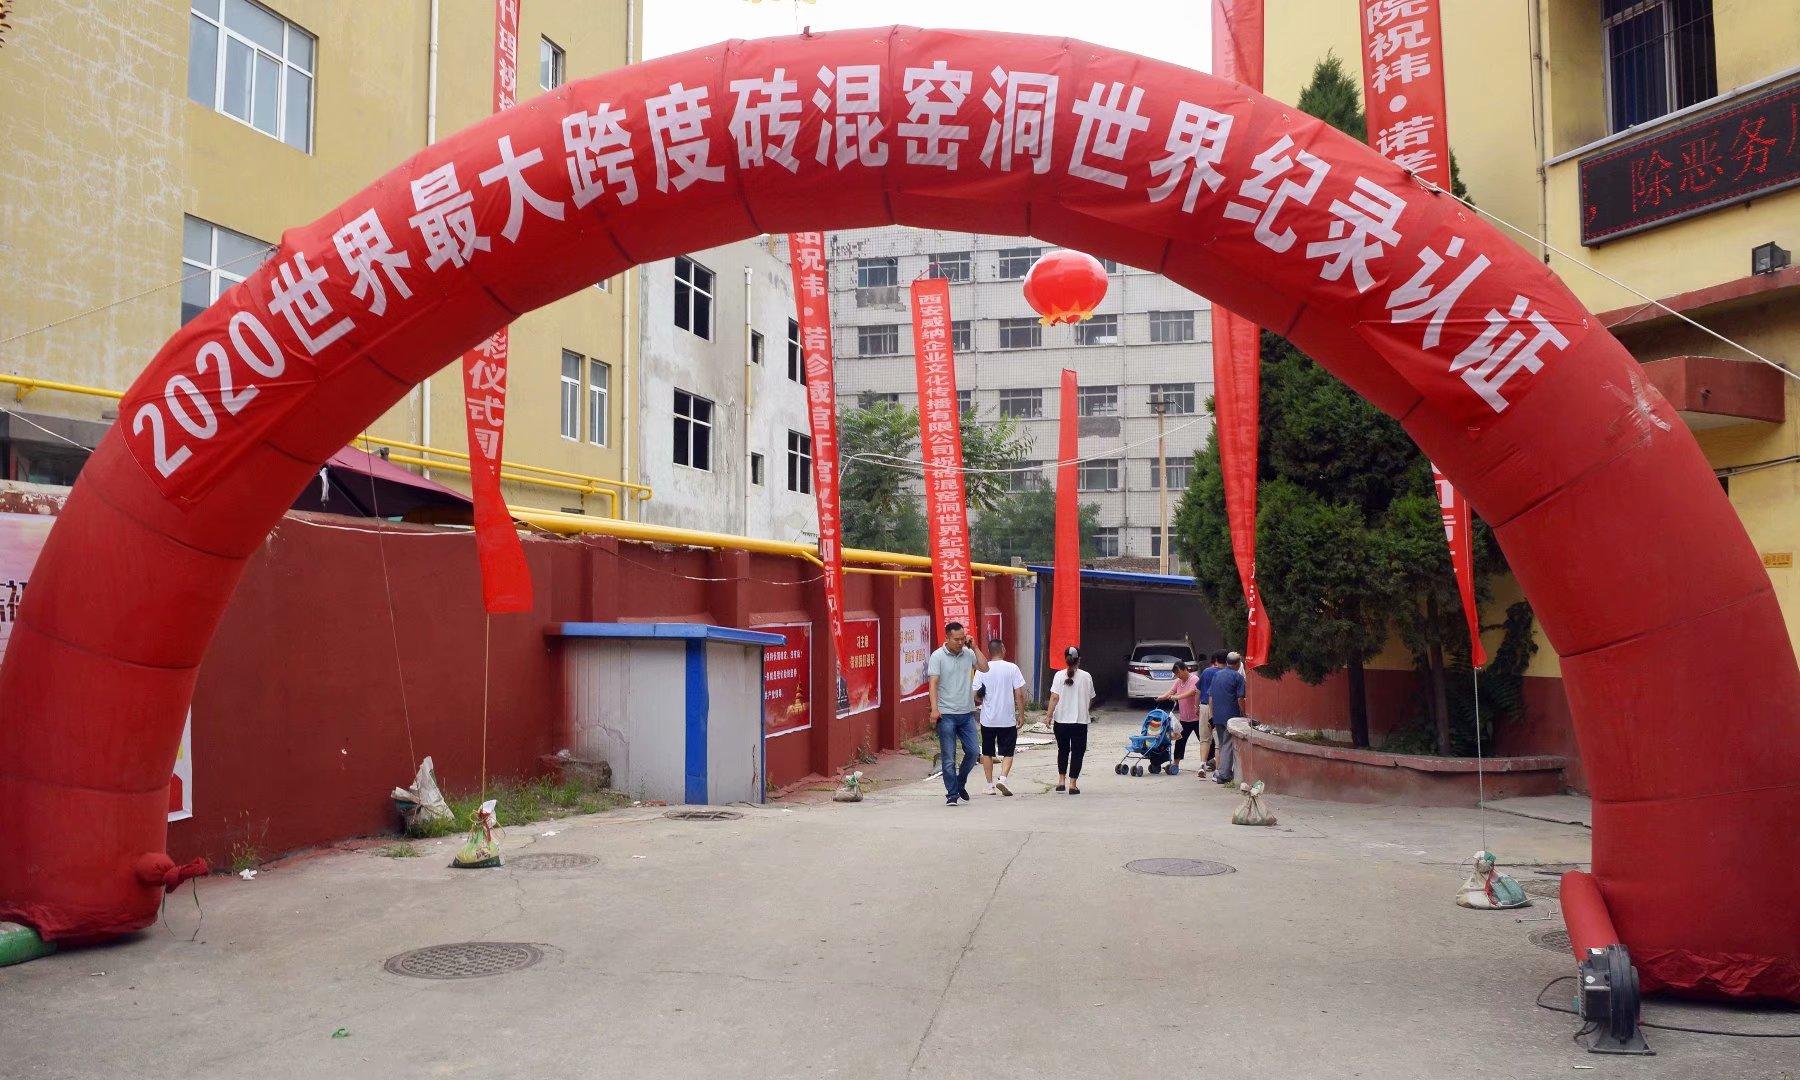 赵文剑珍宝馆:为铜川旅游业增添一个新亮点